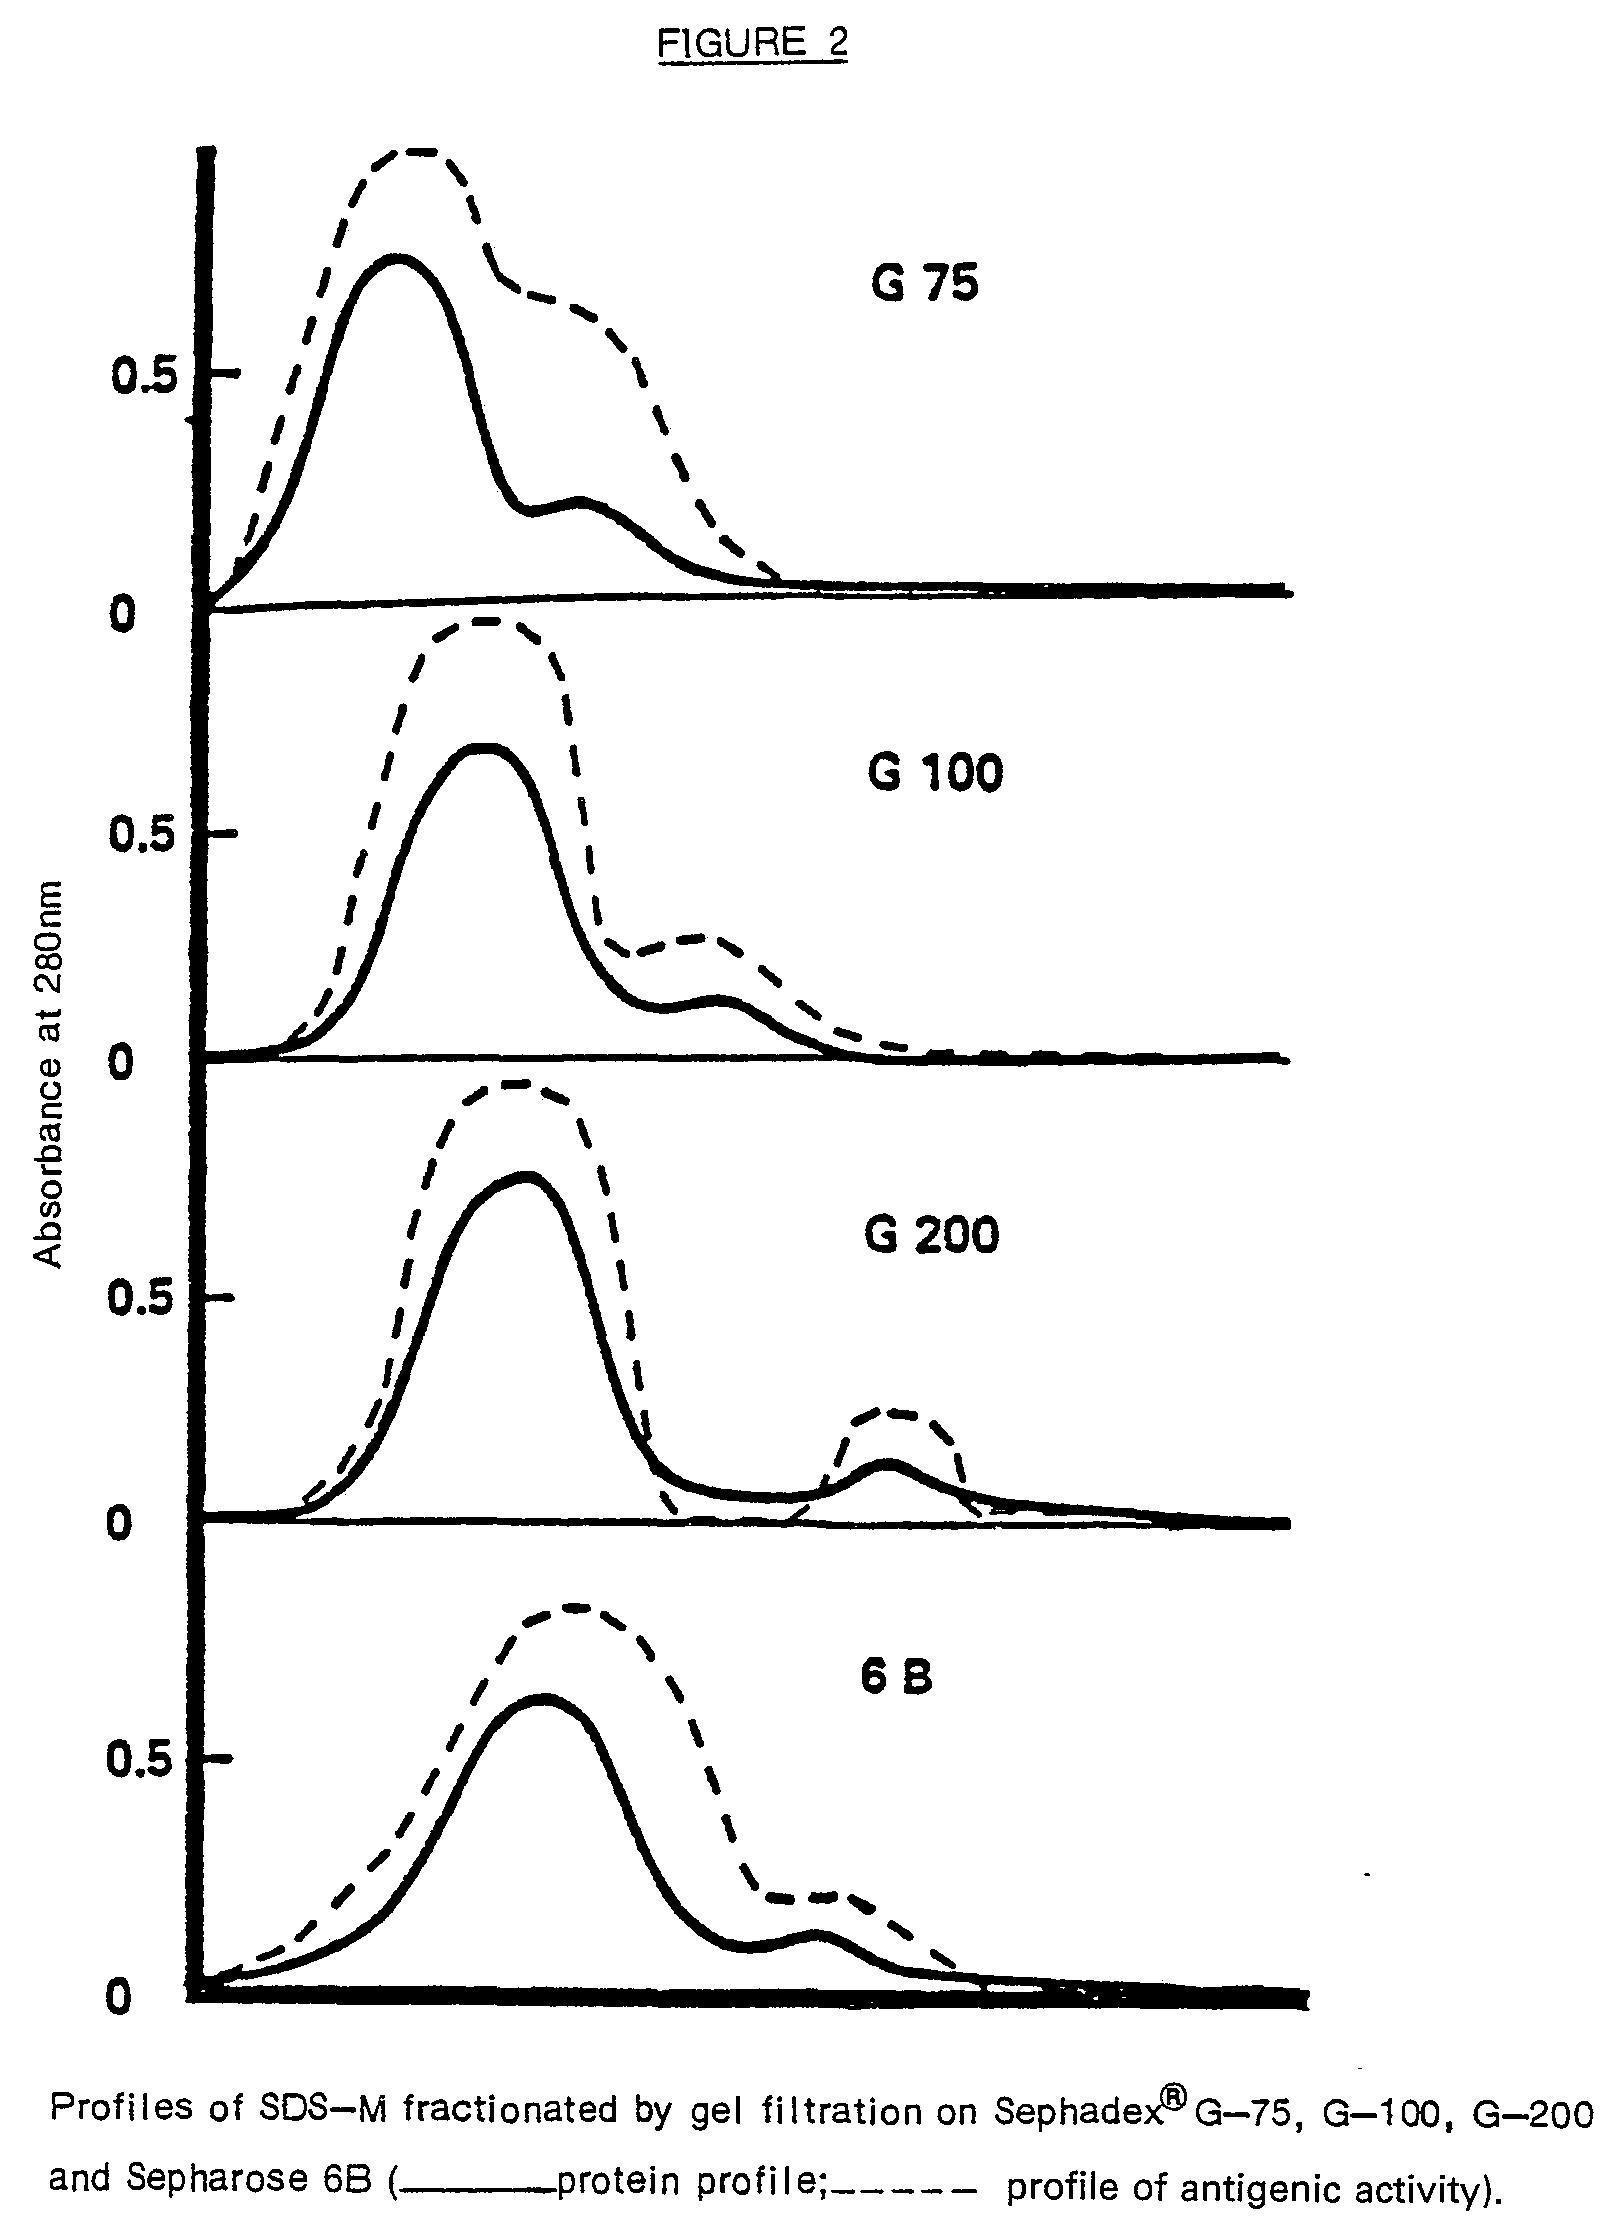 Dubois anal chem 28 350 1956